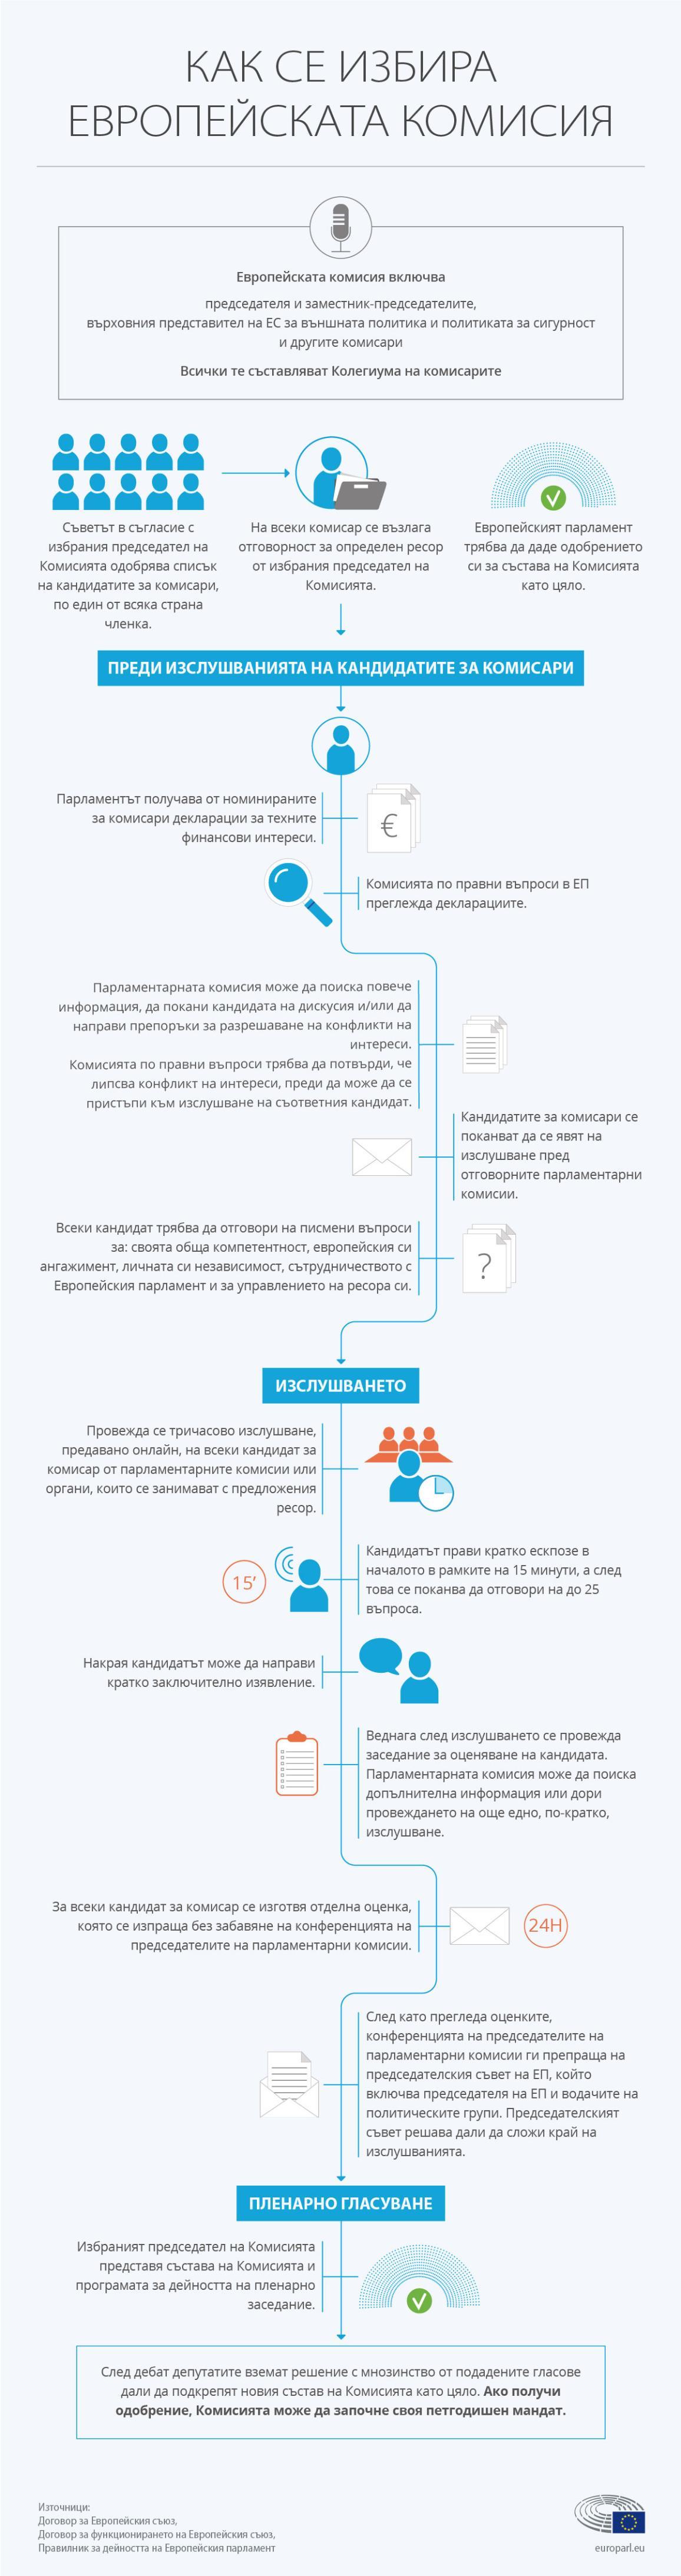 Инфографика: Как се избира Европейската комисия